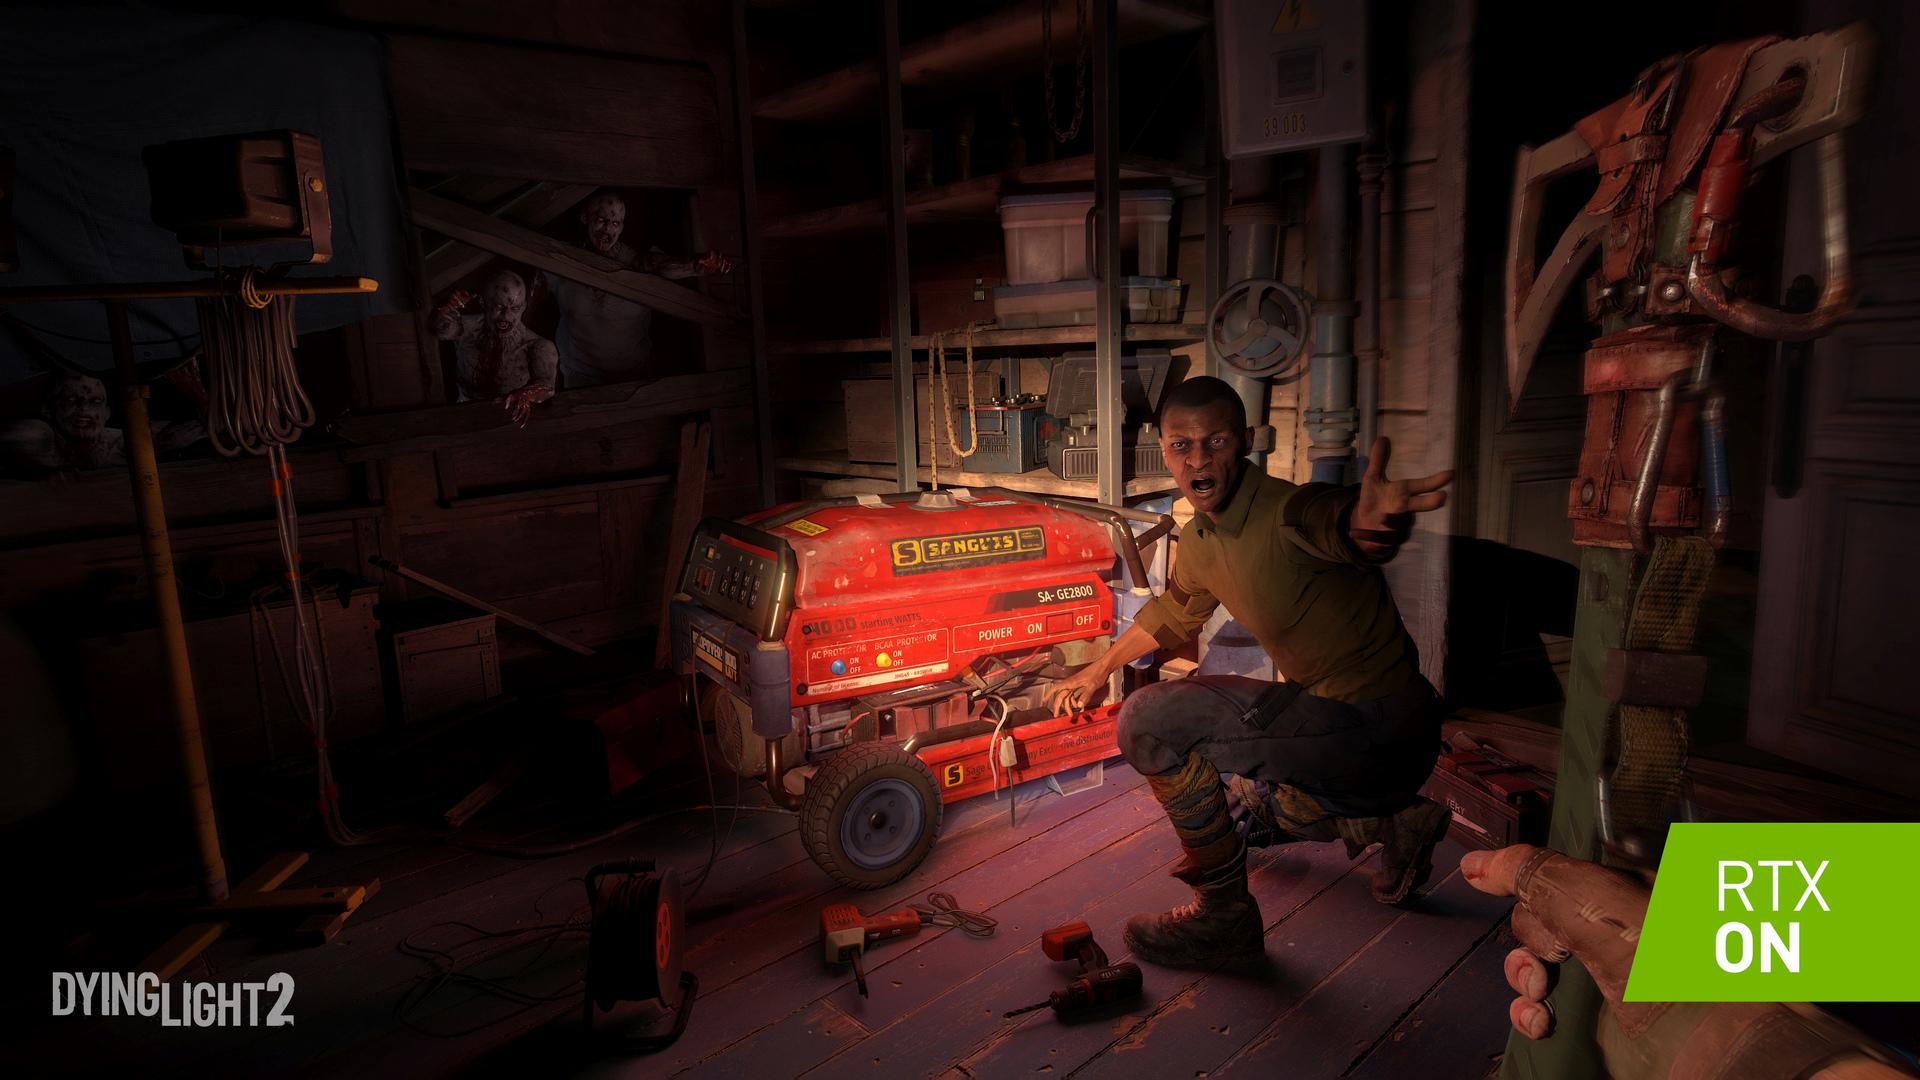 《消逝的光芒2》支持RTX光追技术 让游戏更加恐怖